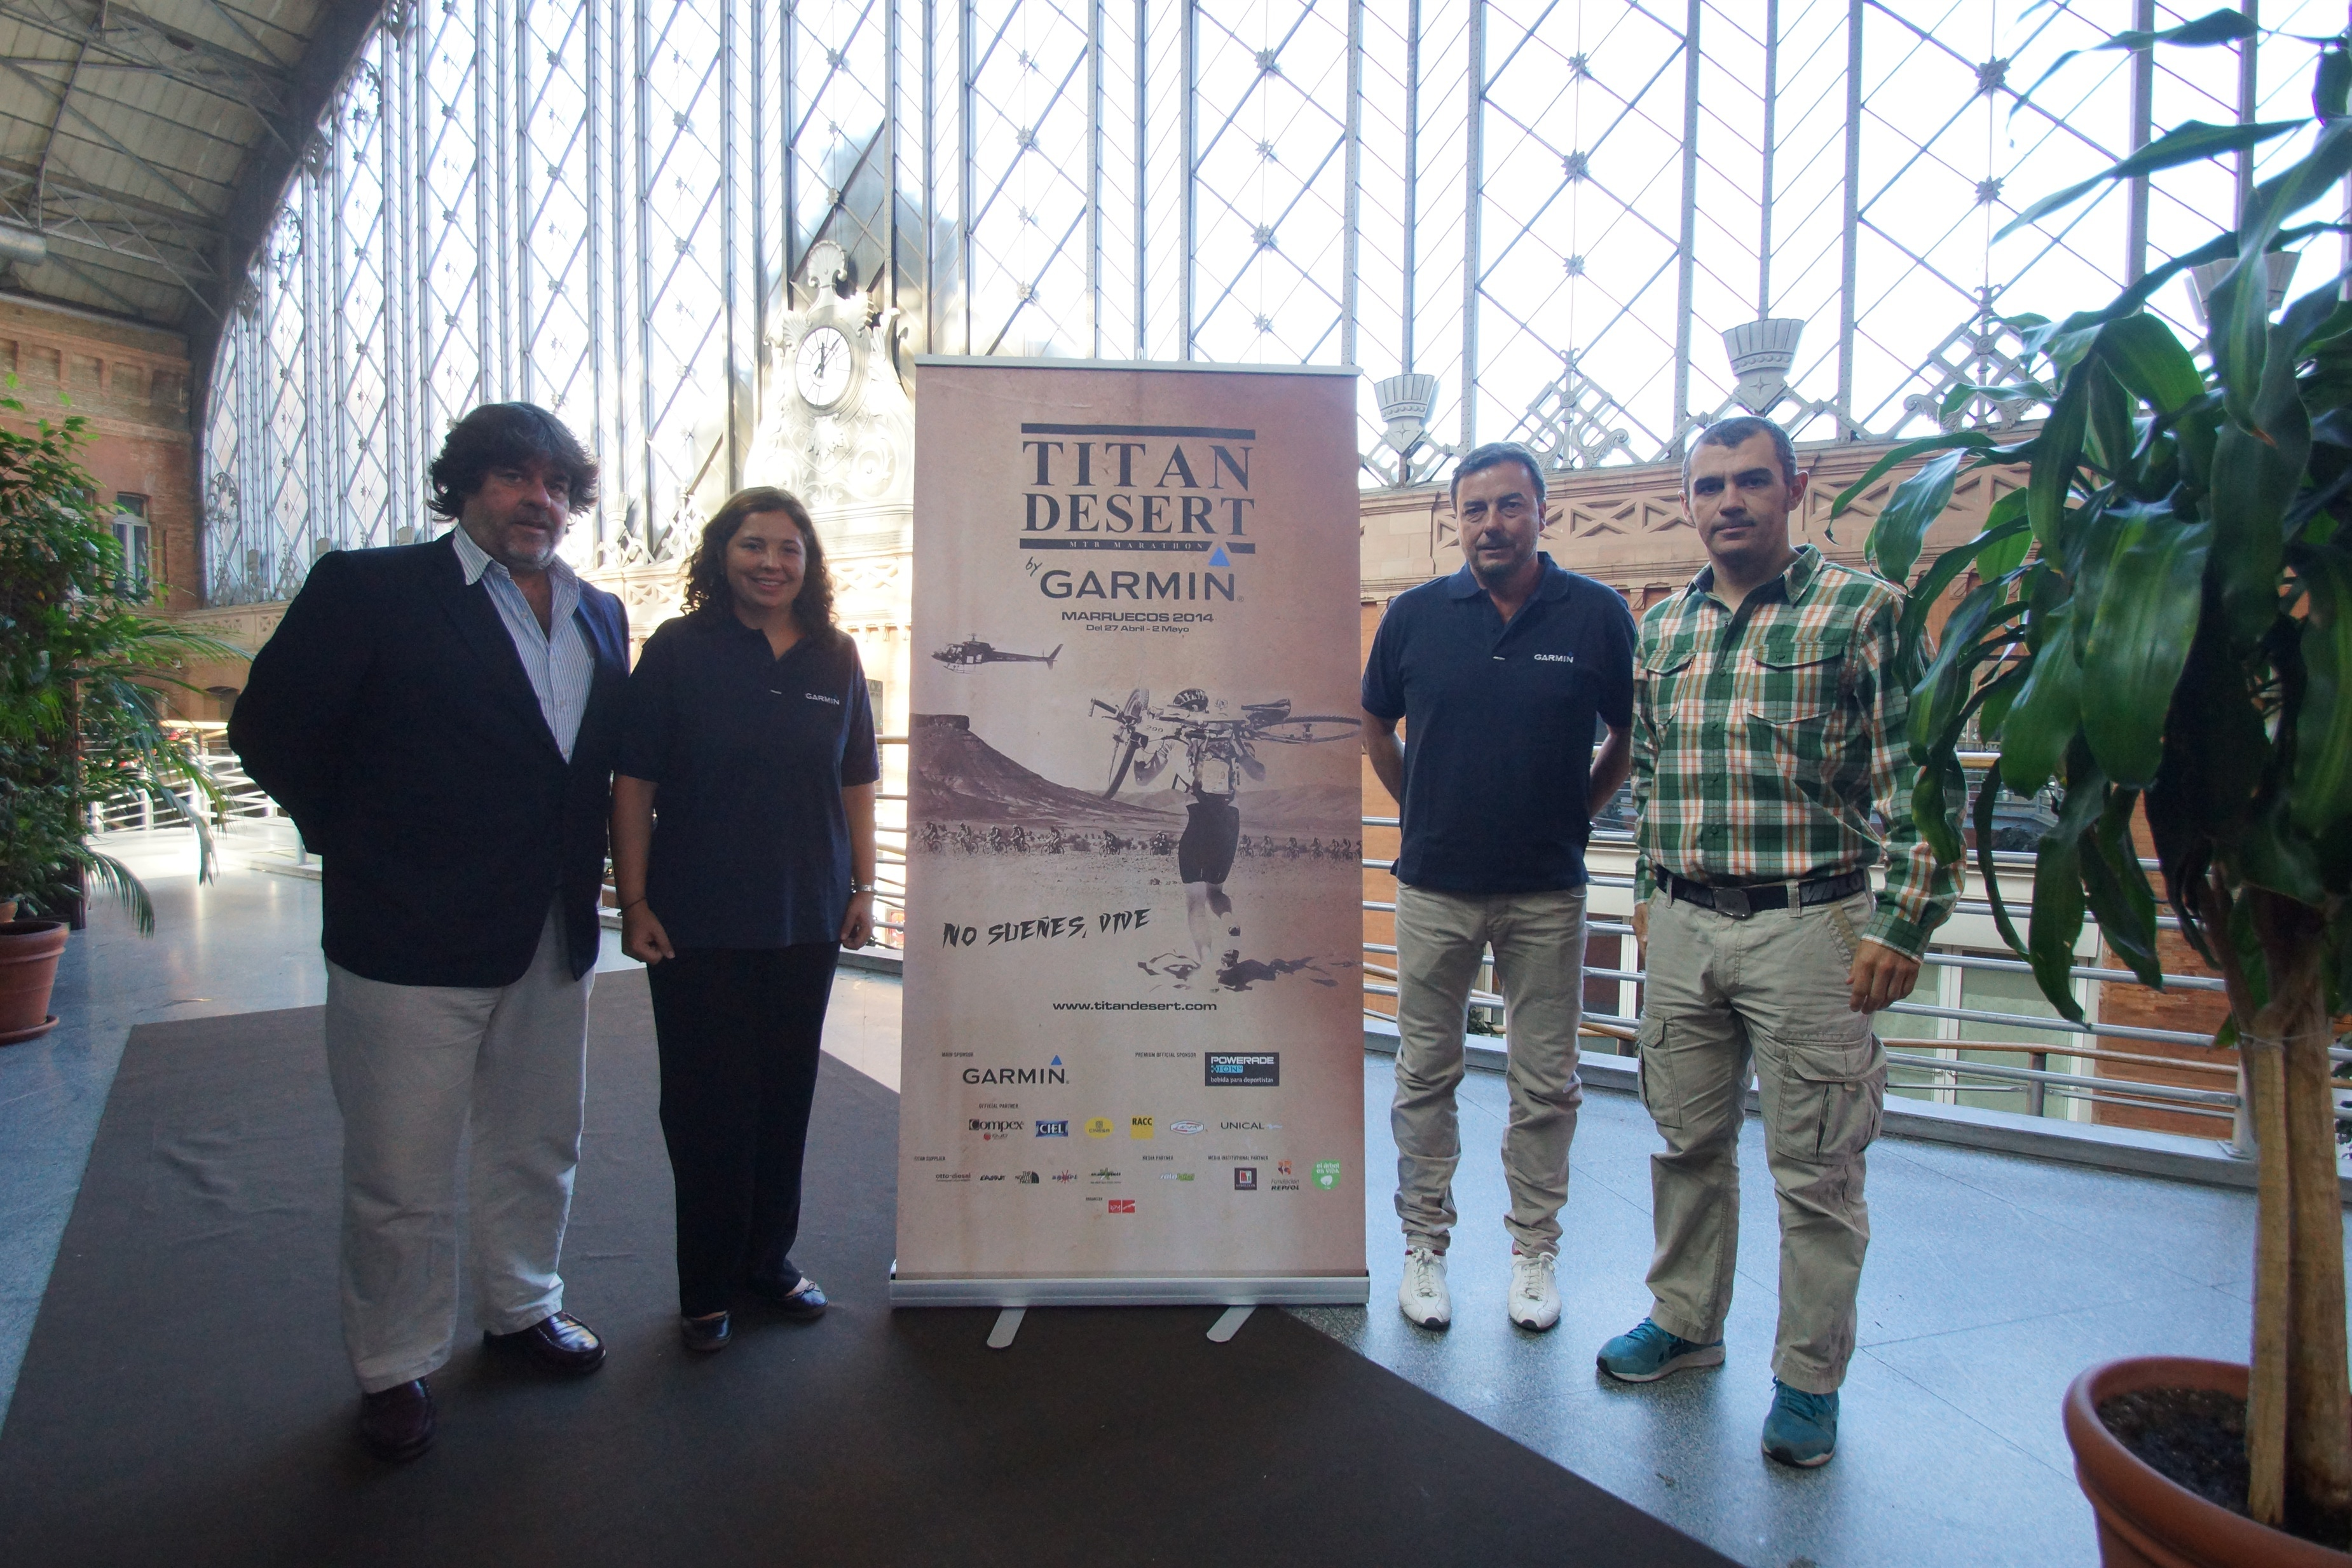 Cofidis ofrece a los participantes de la Titan Desert by Garmin pagar la inscripción hasta en 1 año